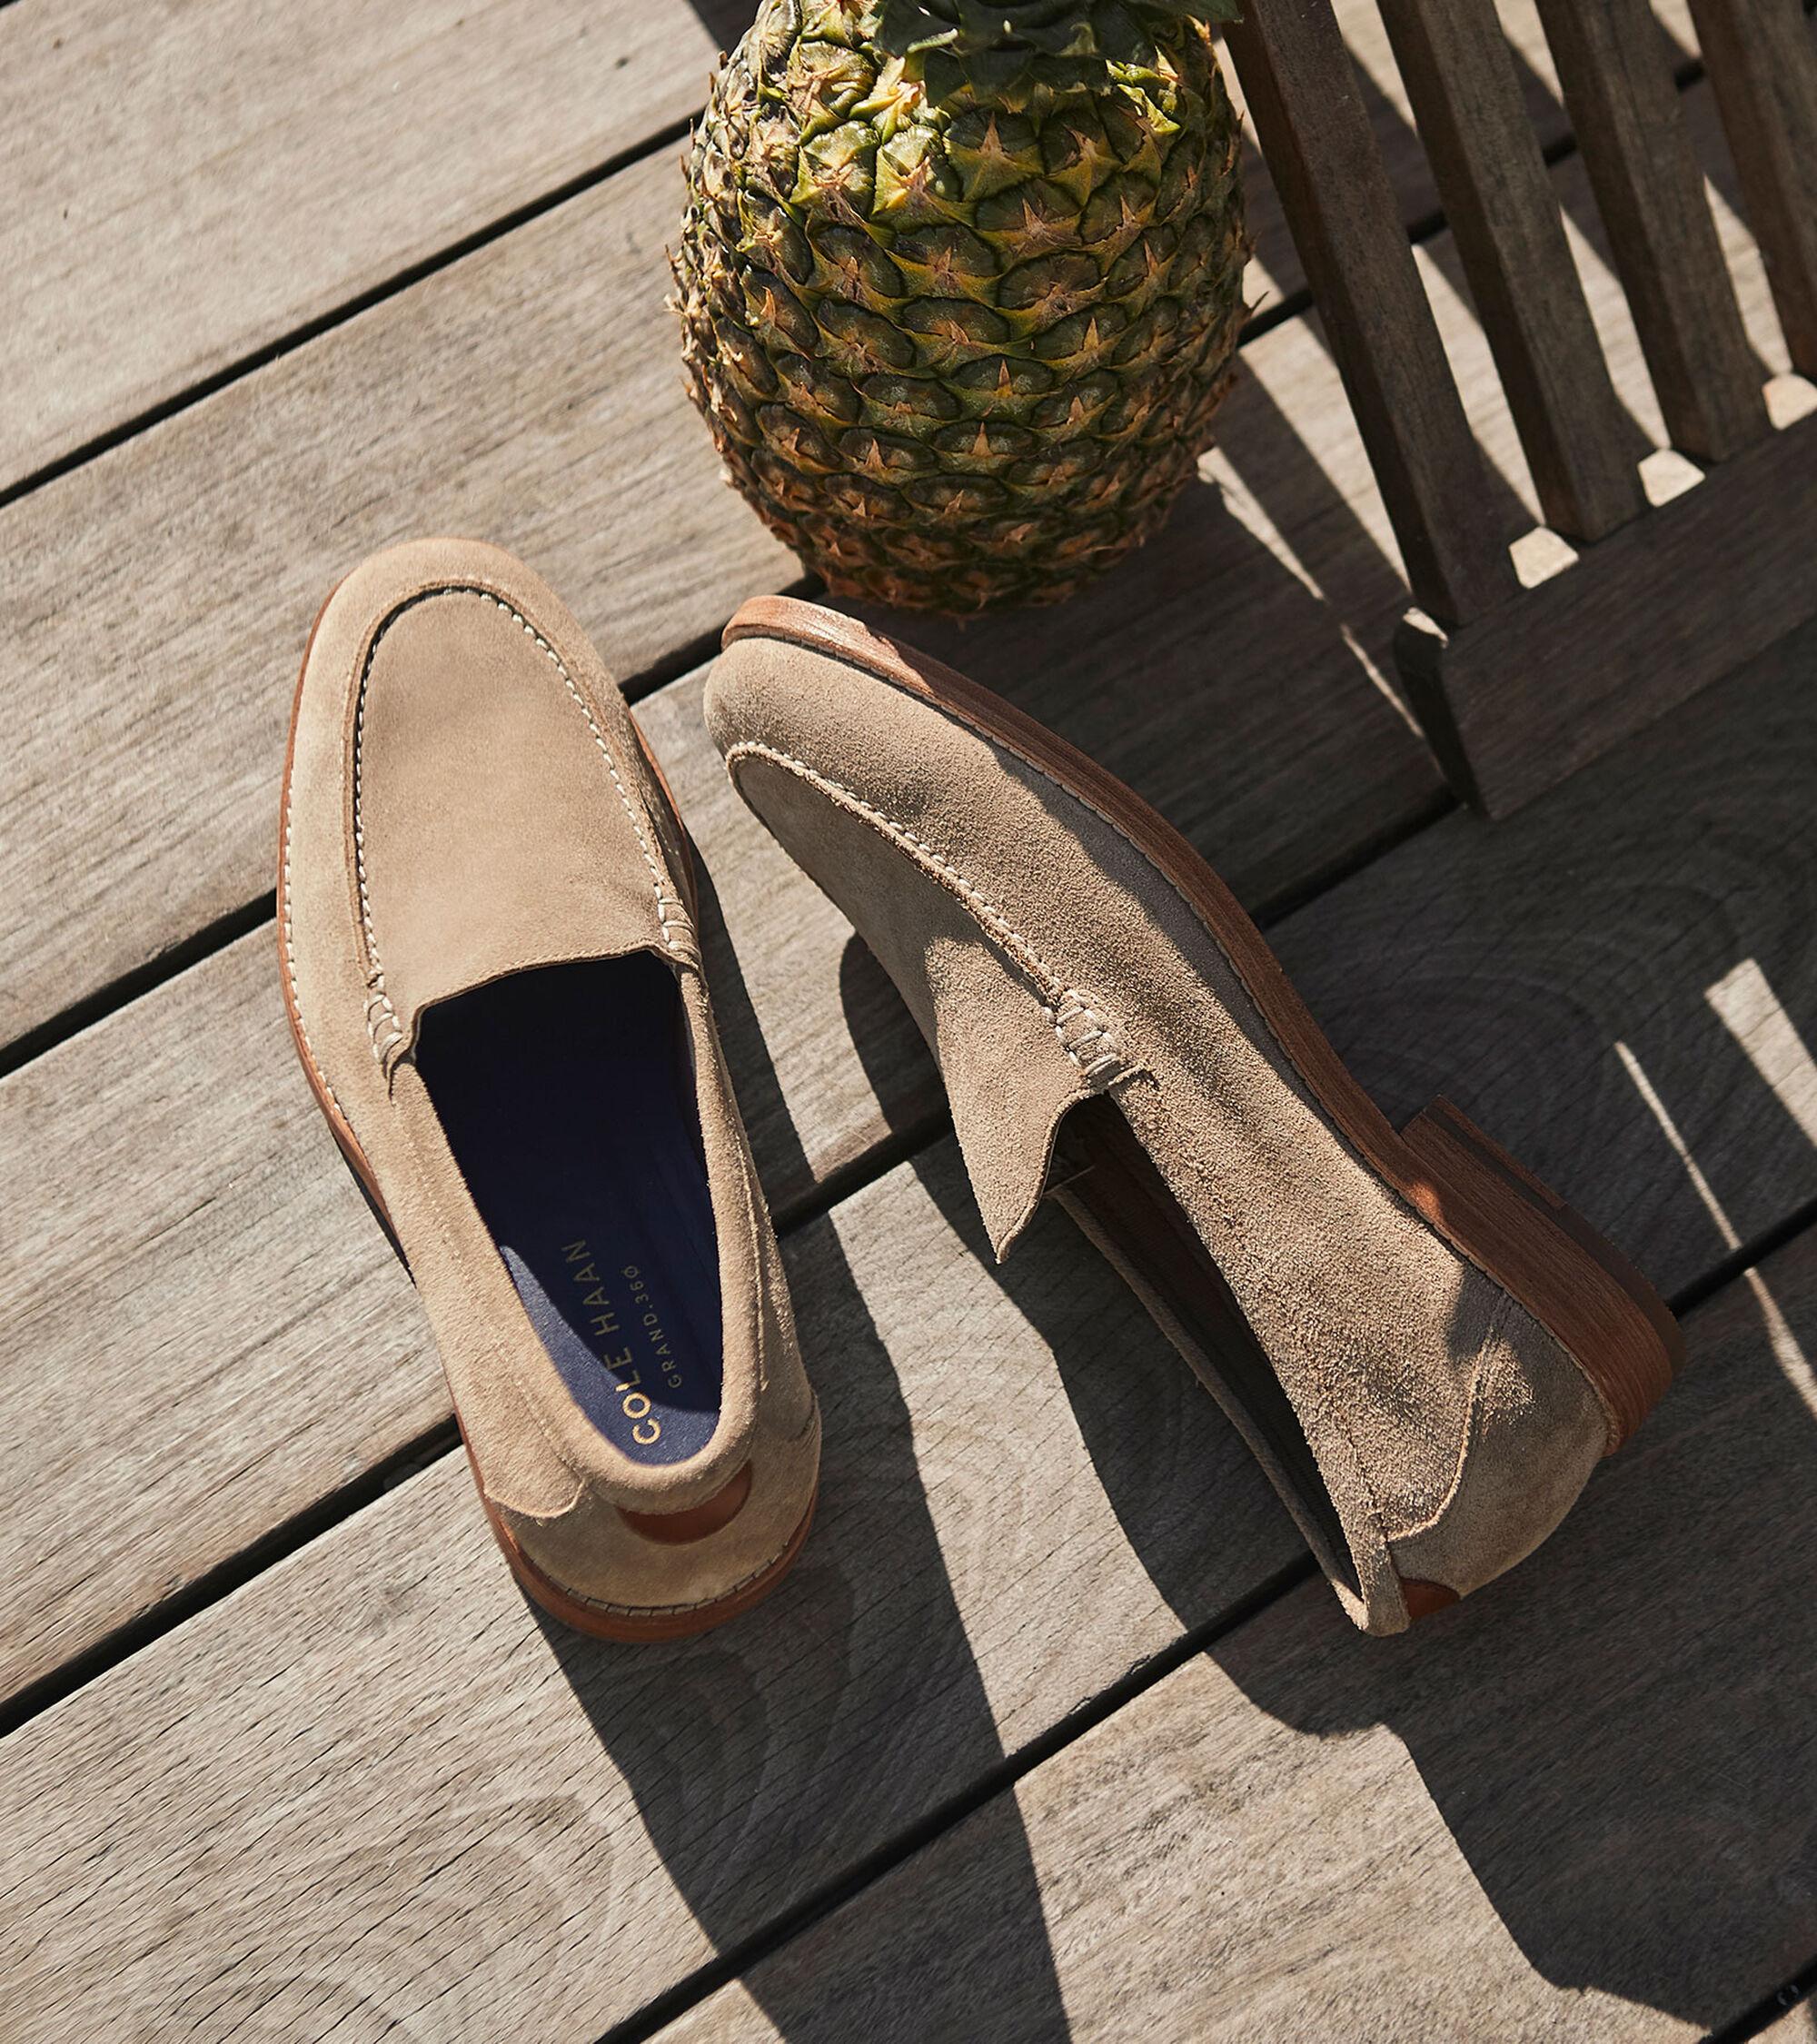 5b28ecd3443 Feathercraft Grand Venetian Loafer · Feathercraft Grand Venetian Loafer ...